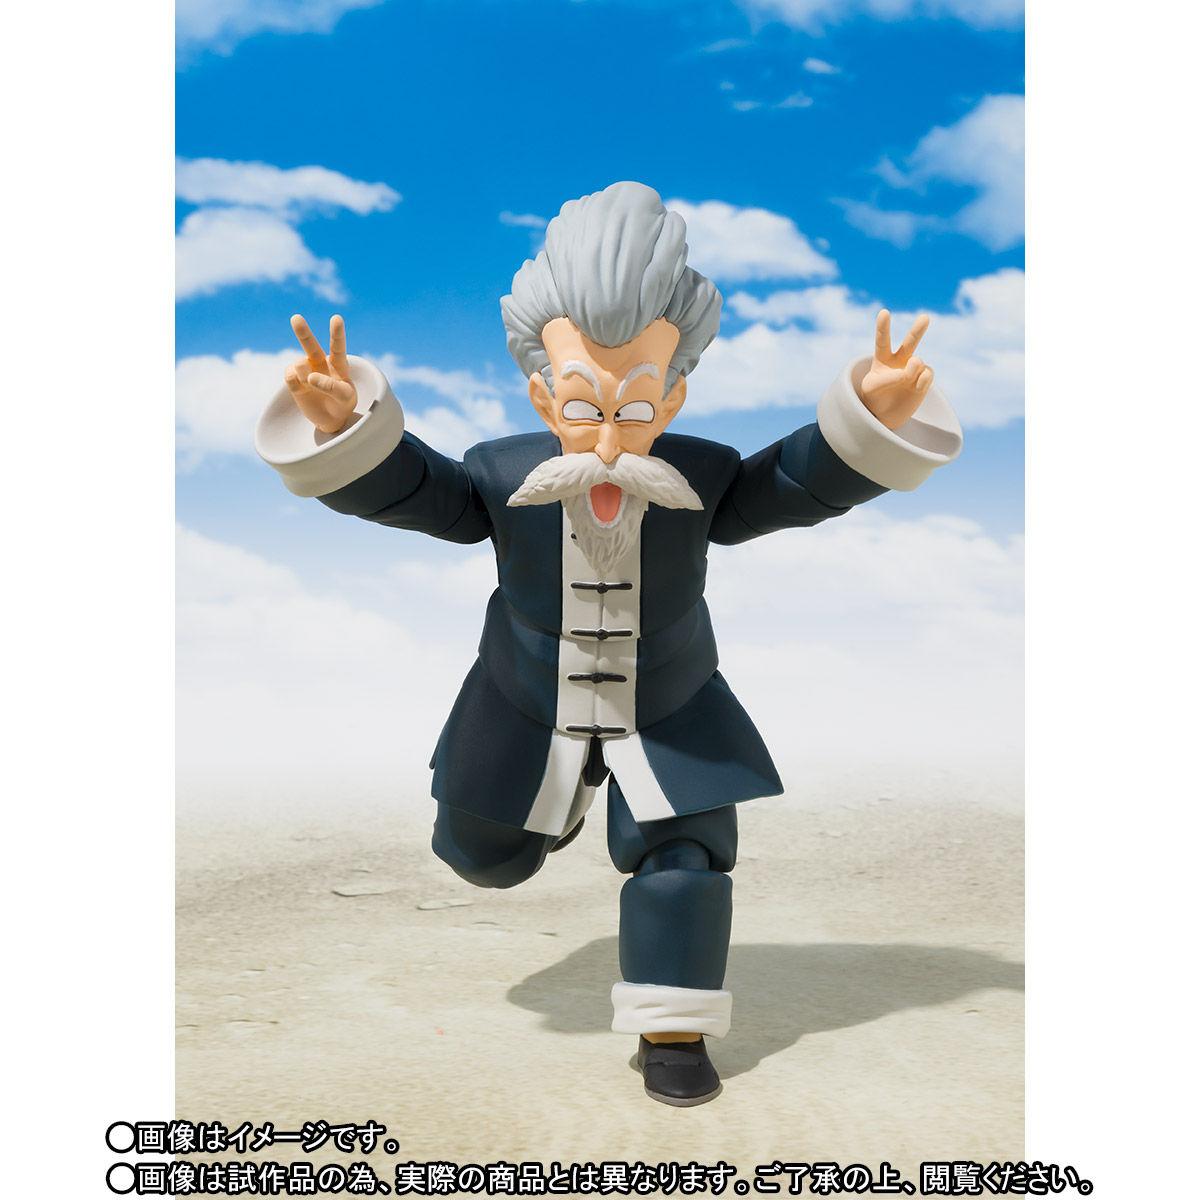 【限定販売】S.H.Figuarts『ジャッキー・チュン』ドラゴンボール 可動フィギュア-004